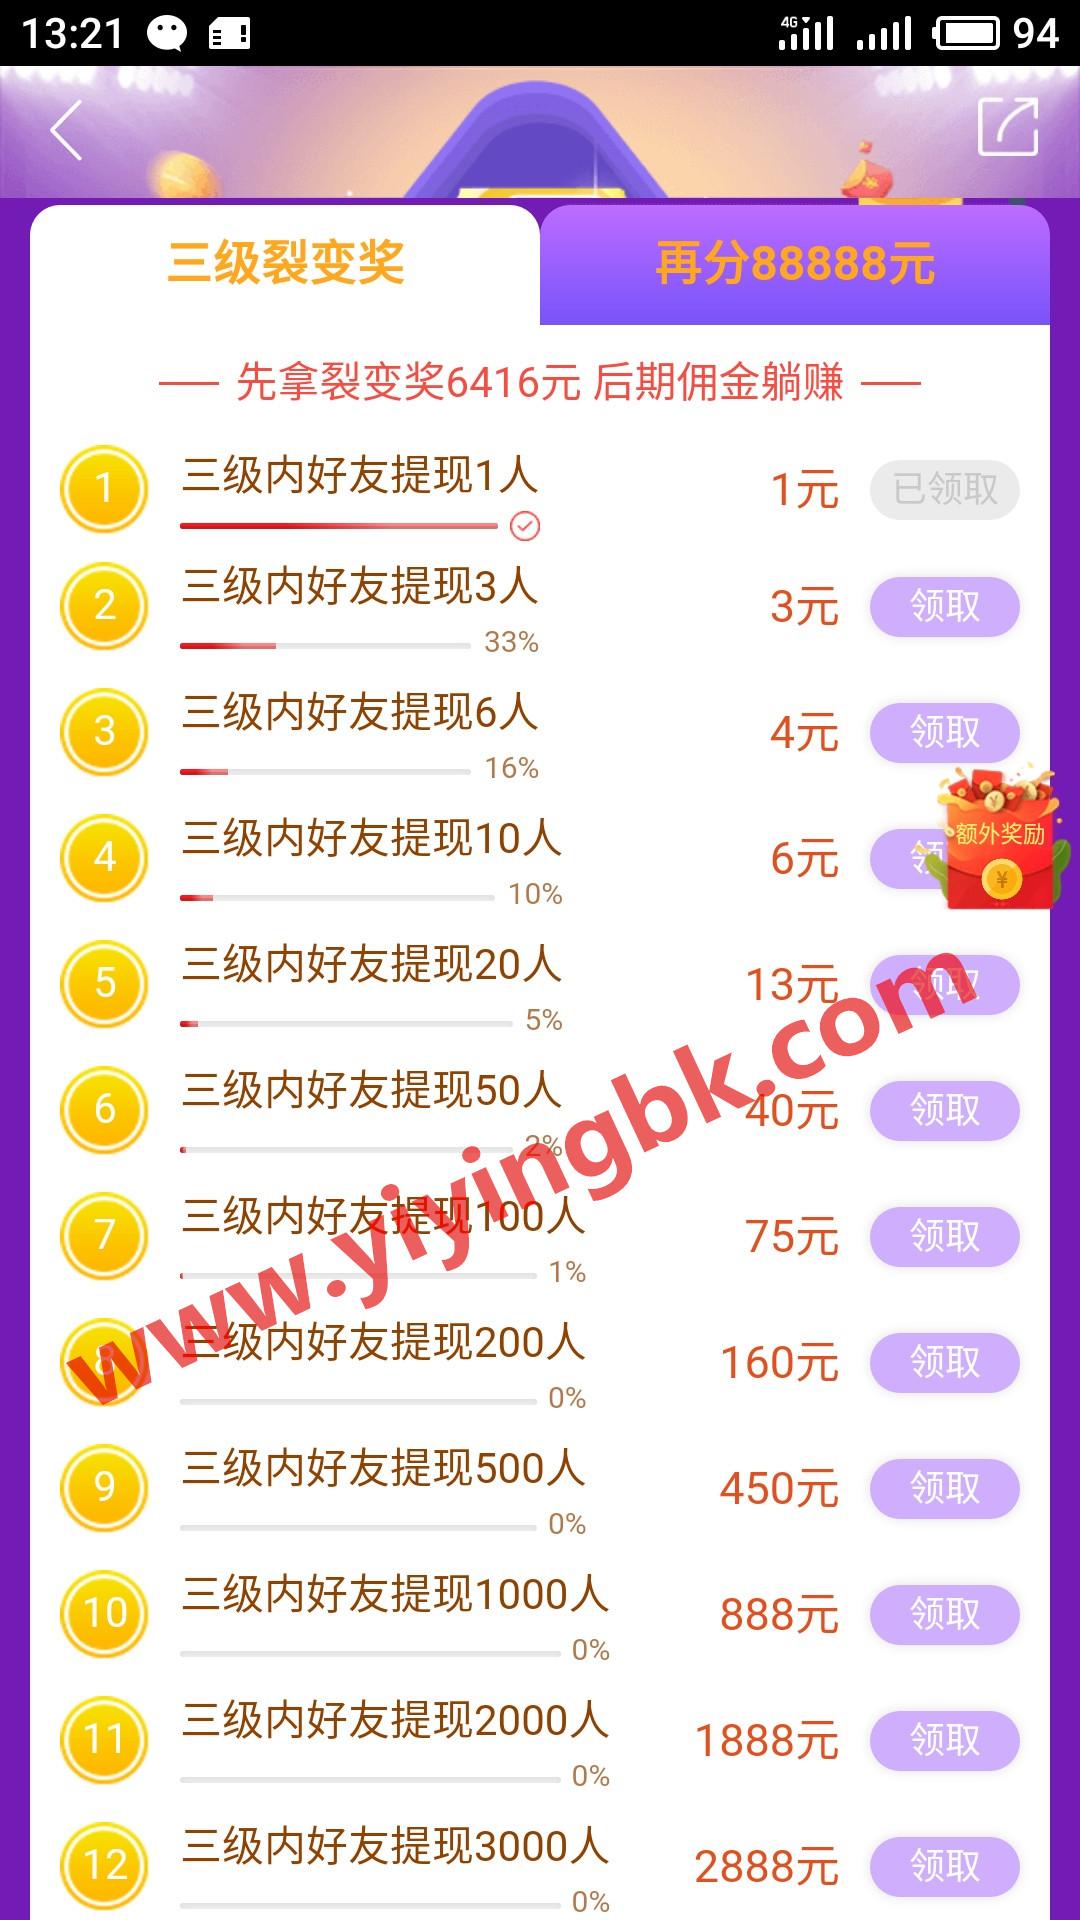 手机正规免费赚钱平台,6416元裂变奖免费领取,www.yiyingbk.com